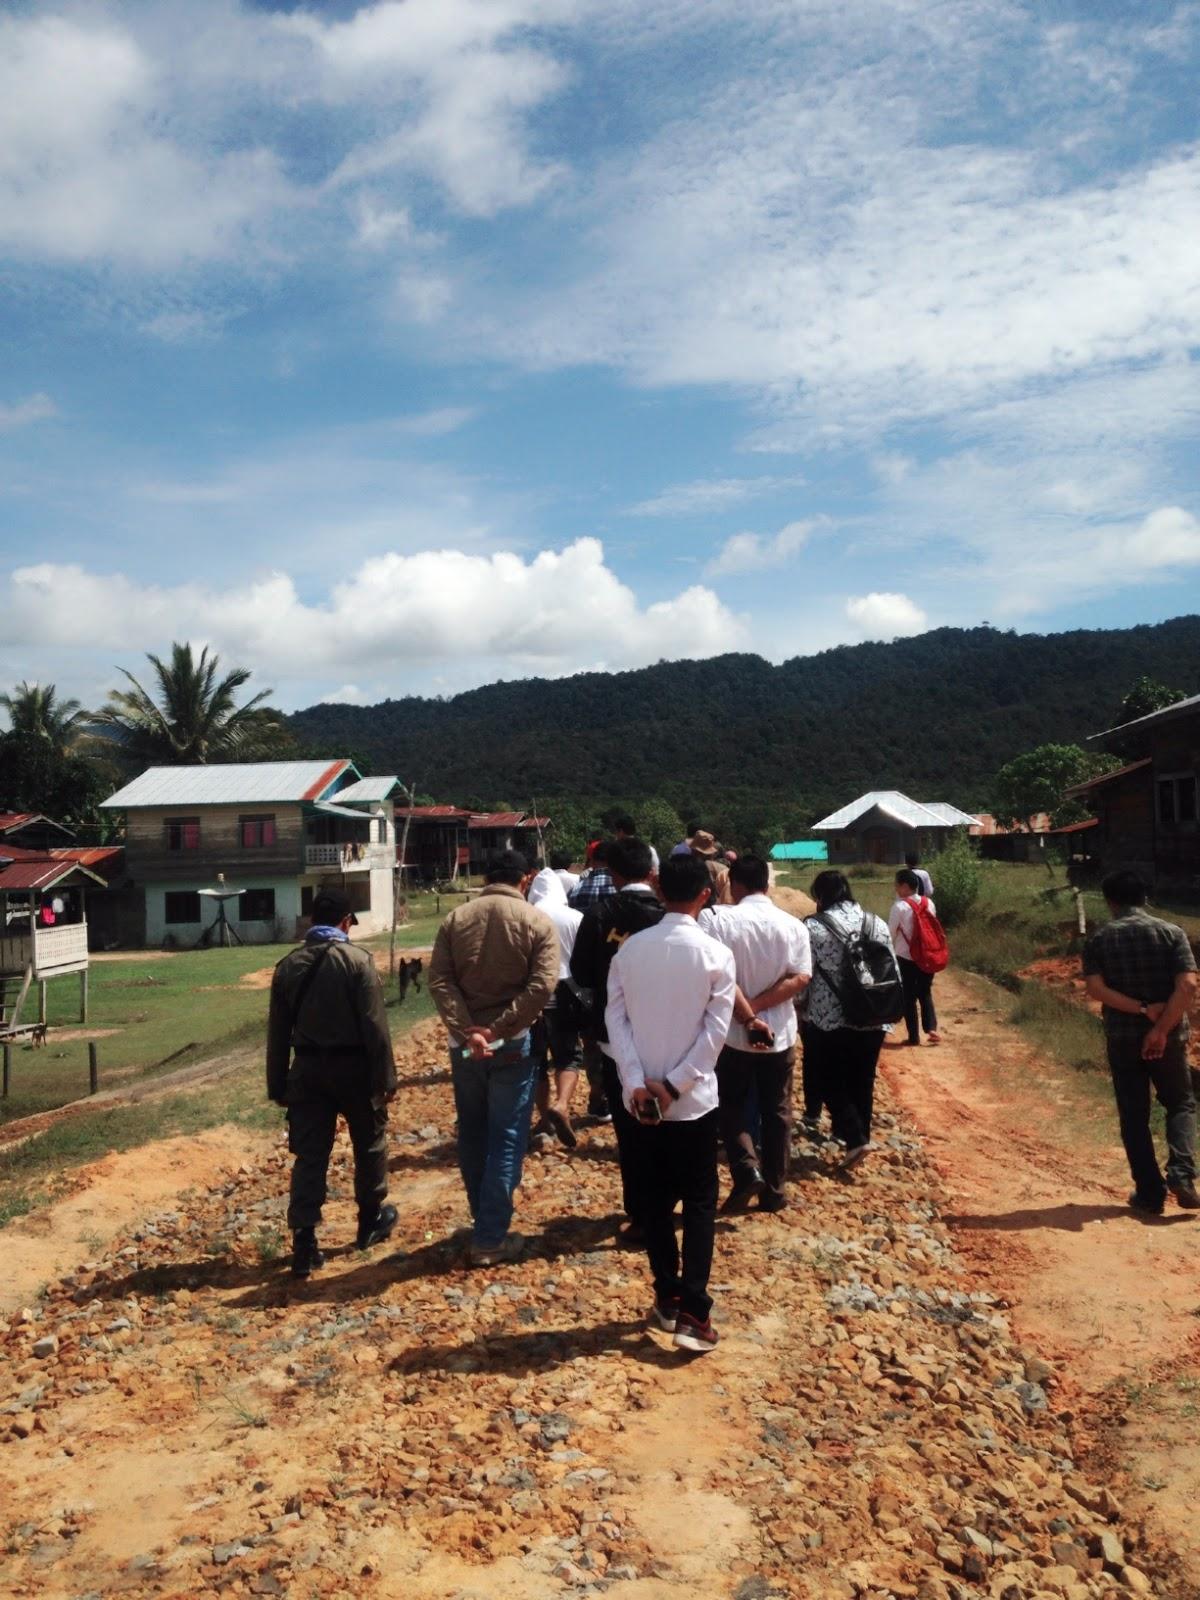 Dokumentasi Kunjungan Lapangan Kegiatan Kampung Sejahtera Long Berjalan Kaki Mengunjungi